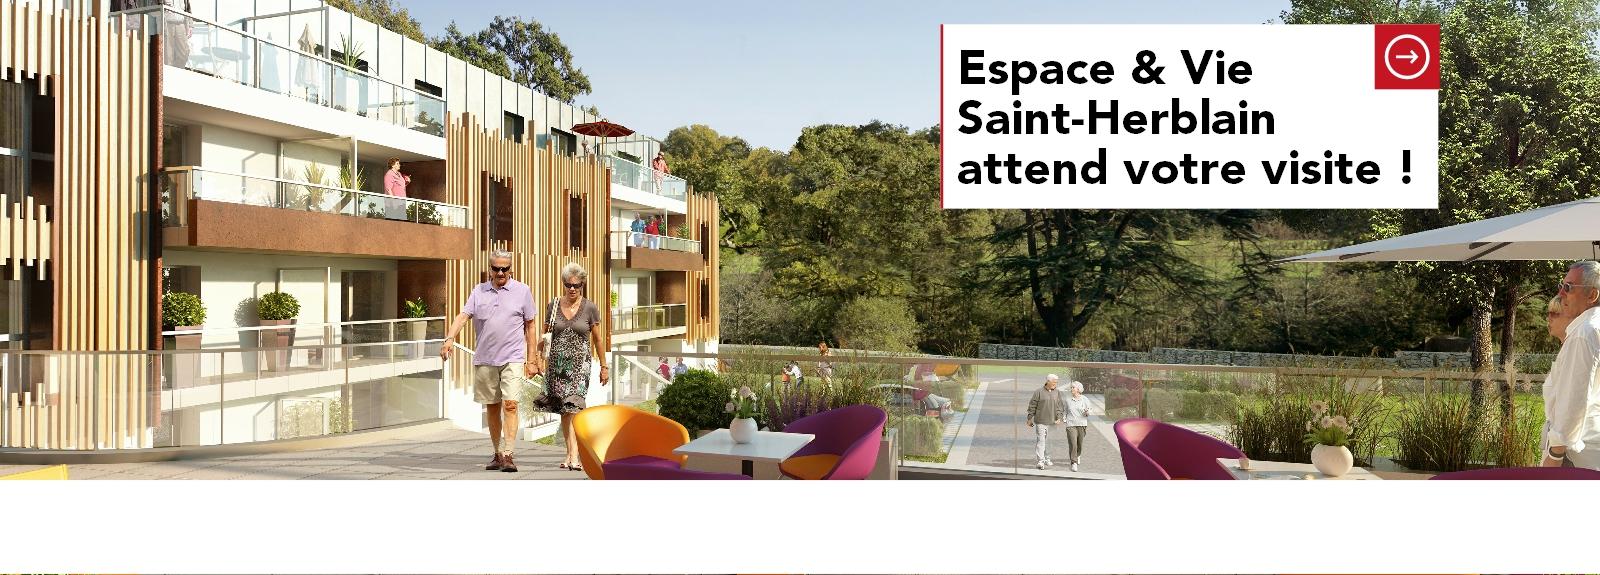 Espace & Vie Saint-Herblain attend votre visite